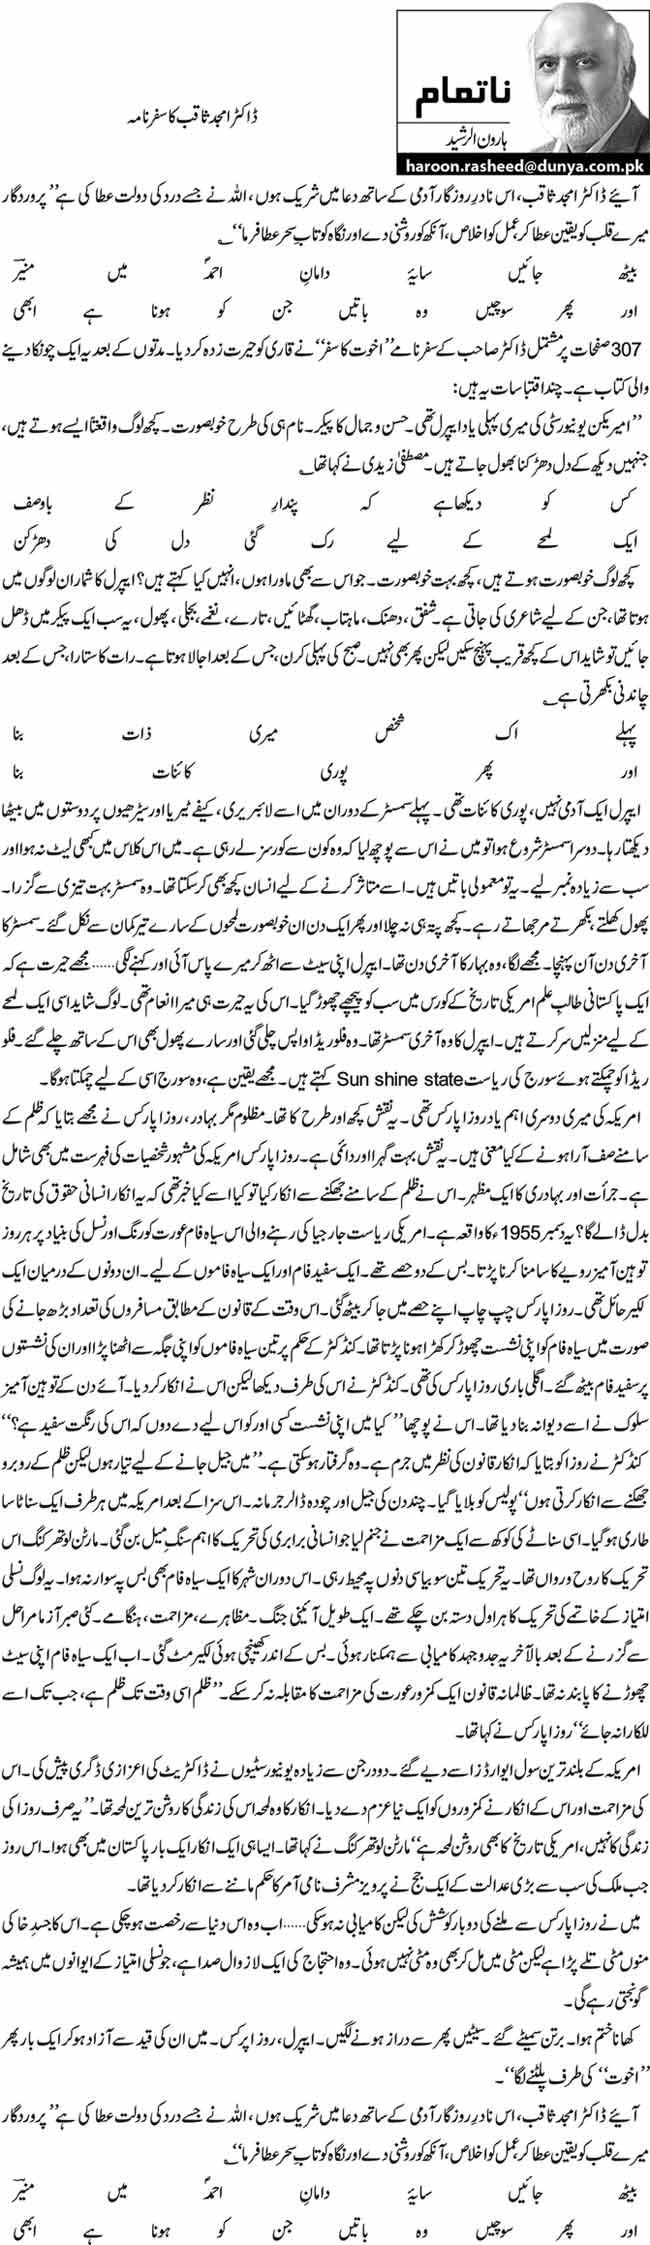 ڈاکٹر امجد ثاقب کا سفر نامہ